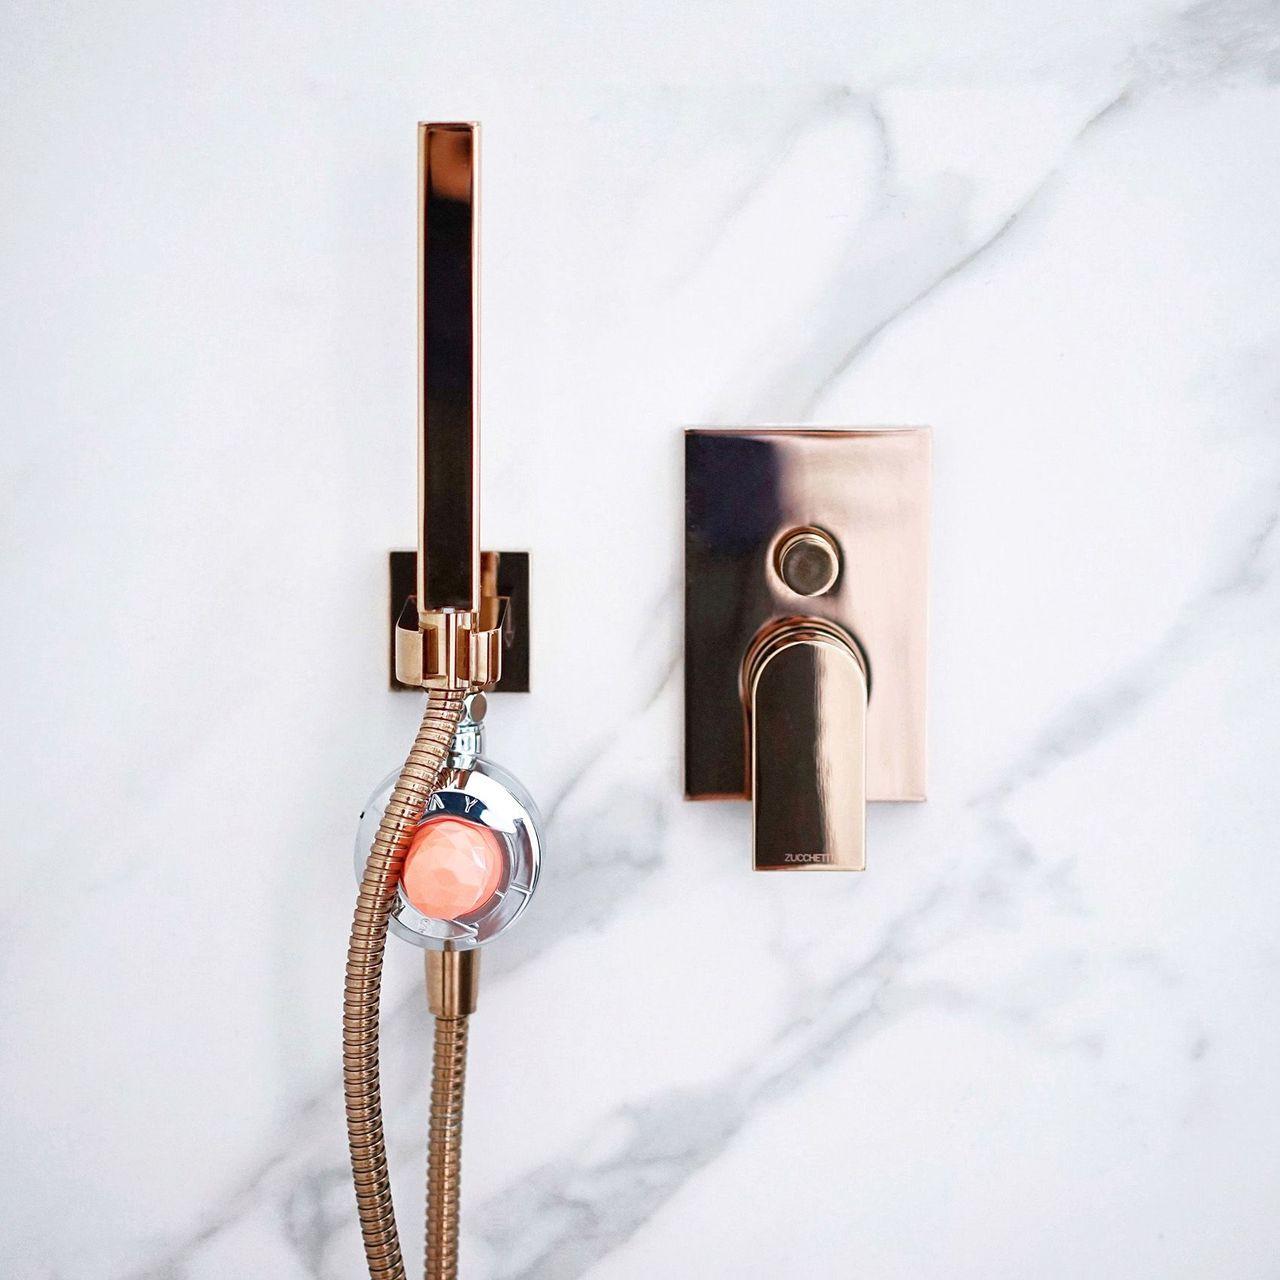 * Skinjay: Esta marca francesa tem um sistema de chuveiro que permite a inclusão de cápsulas com óleos essenciais com várias fragrâncias, que depois se misturam com a água e permitem tomar um banho aromático